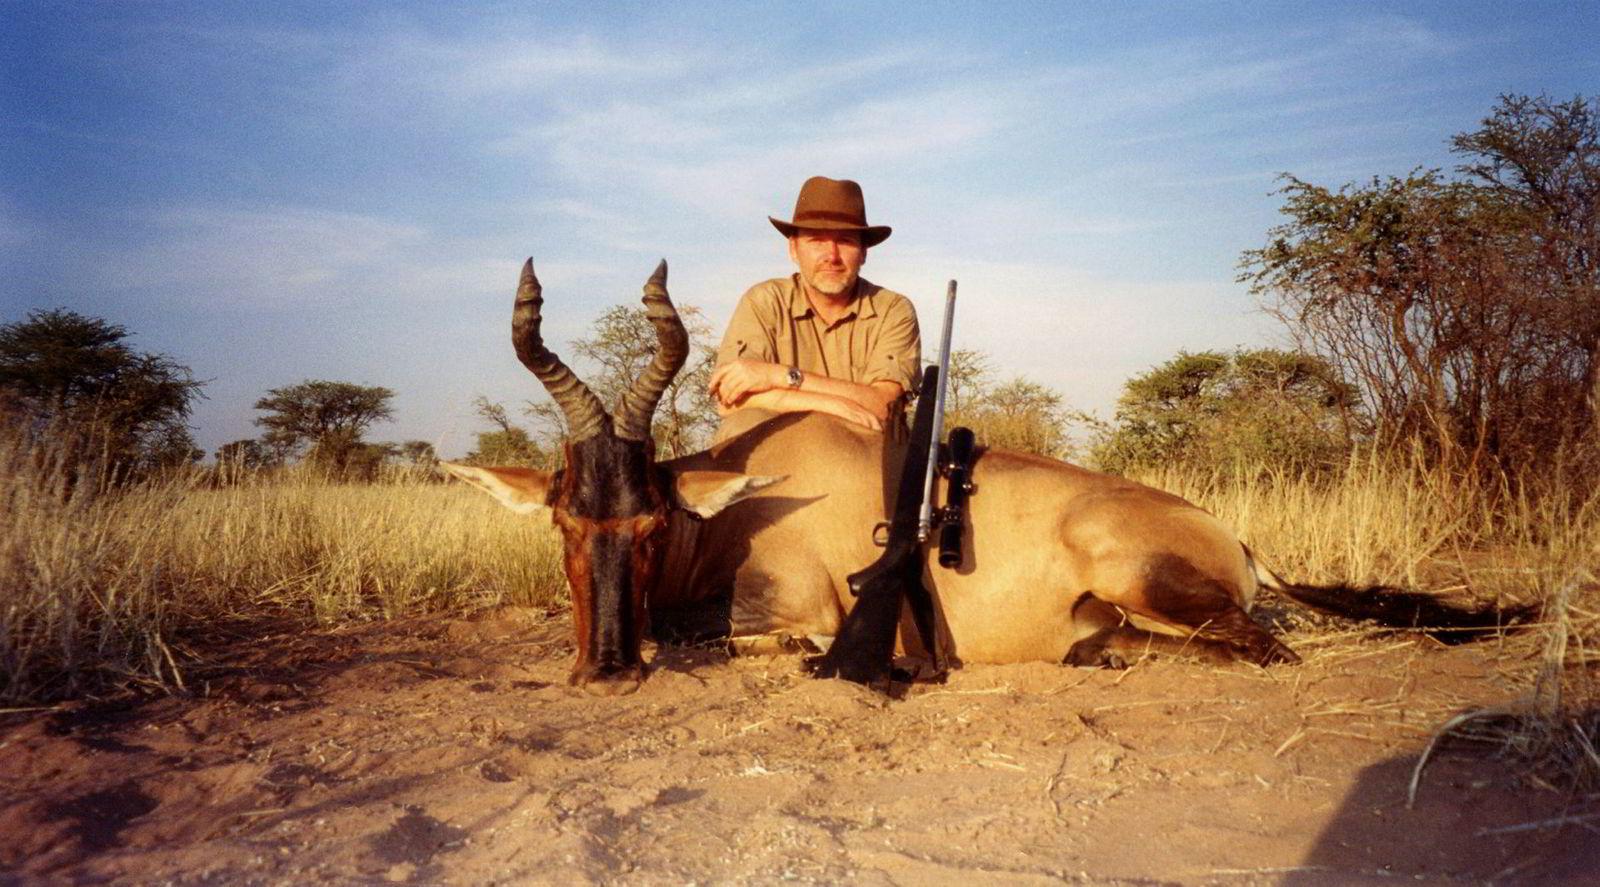 Øivind Tidemandsen ville ikke sende over trofébilde fra løvejakt fordi han ikke føler det representerer jakten han står for. I stedet viste han frem antilopejakt i Namibia.